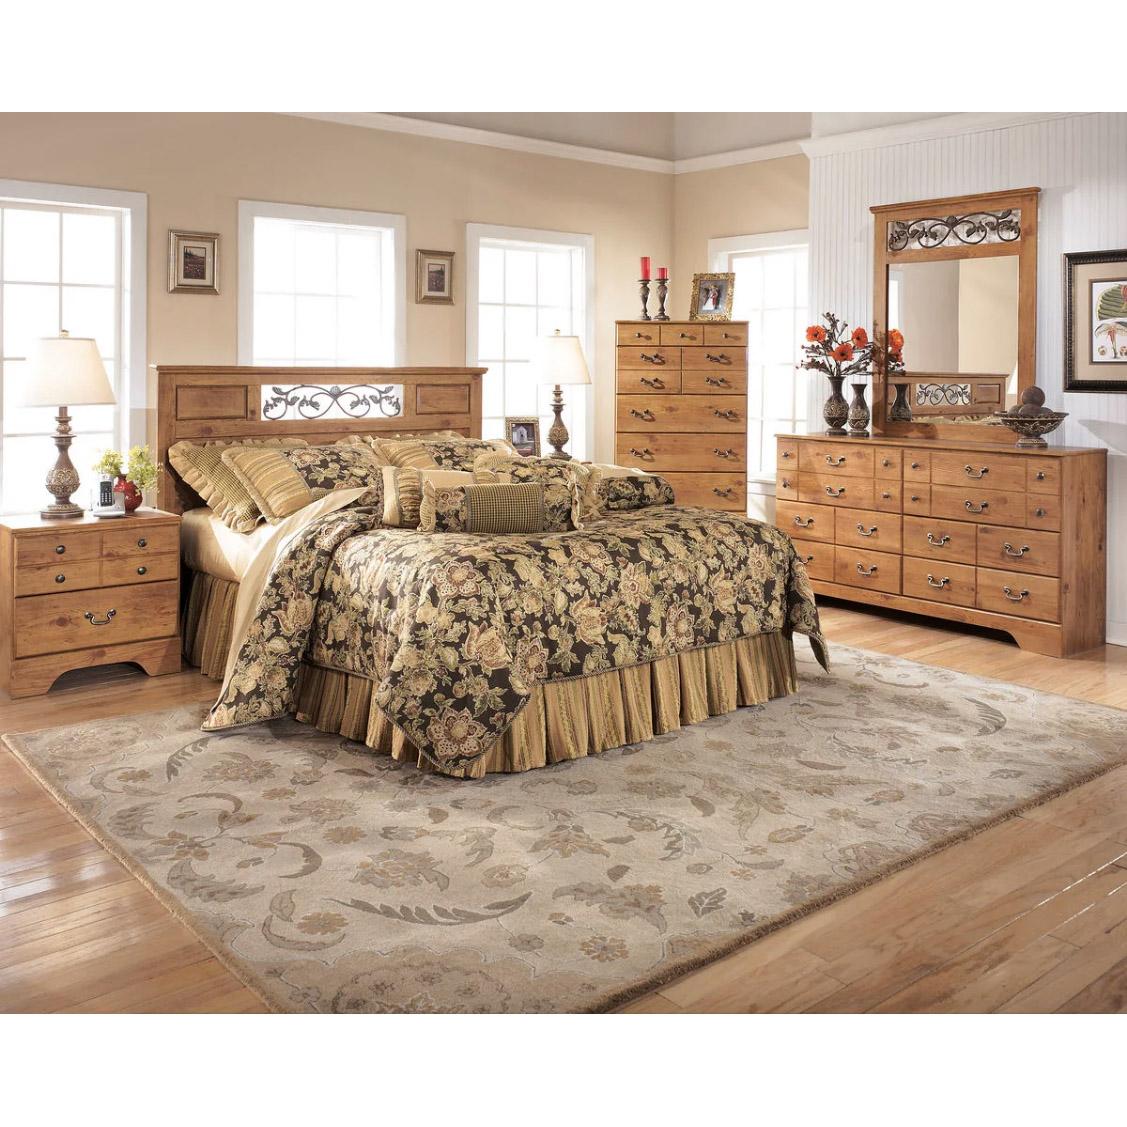 Bittersweet - Light Brown - 6 Pc. - Dresser, Mirror, Chest, Queen Panel Headboard & 2 Nightstands